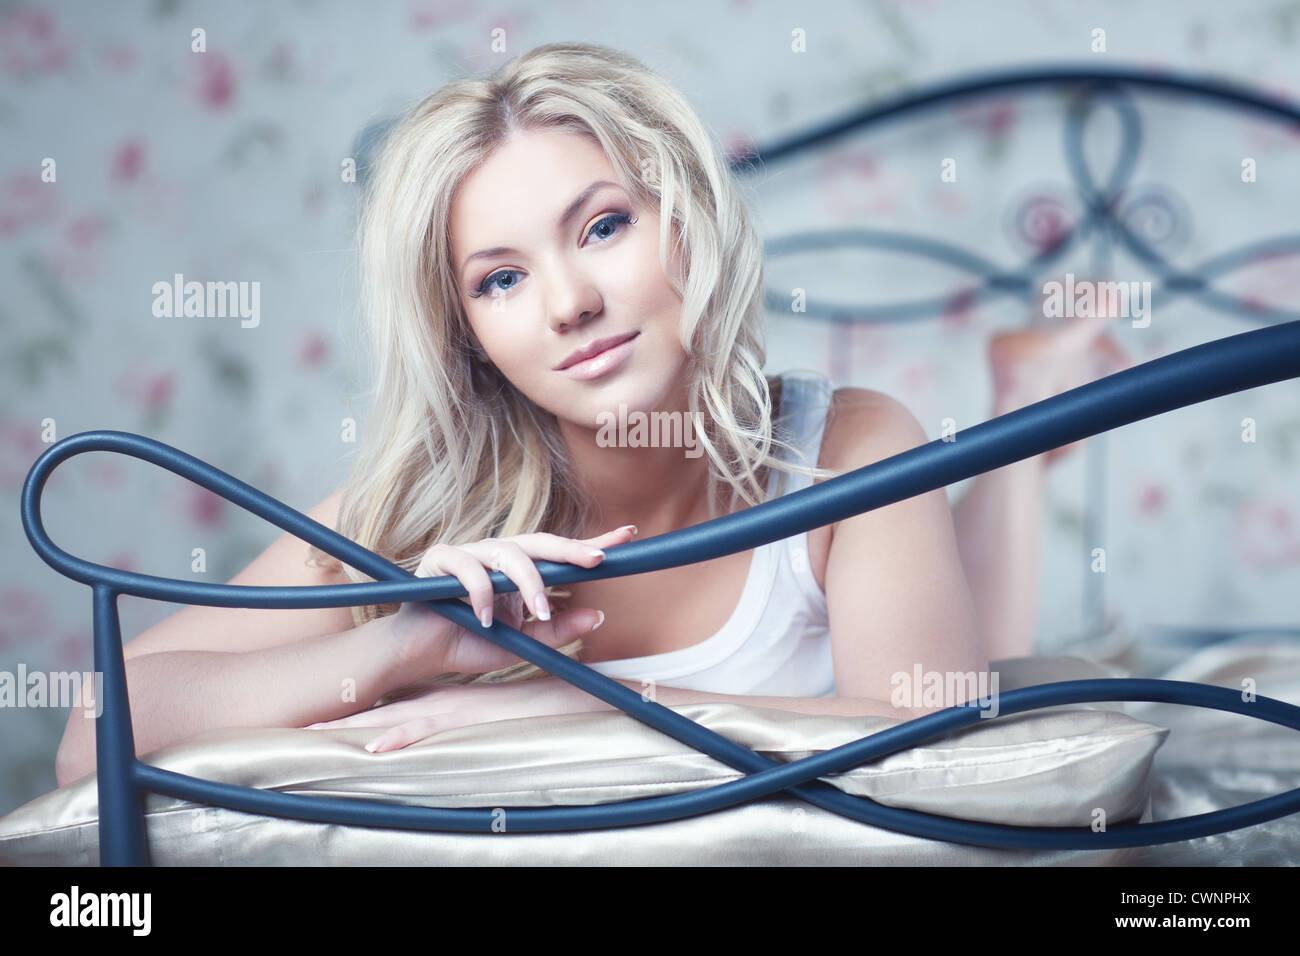 Jeune femme au lit. Coloris blanc brillant. Photo Stock